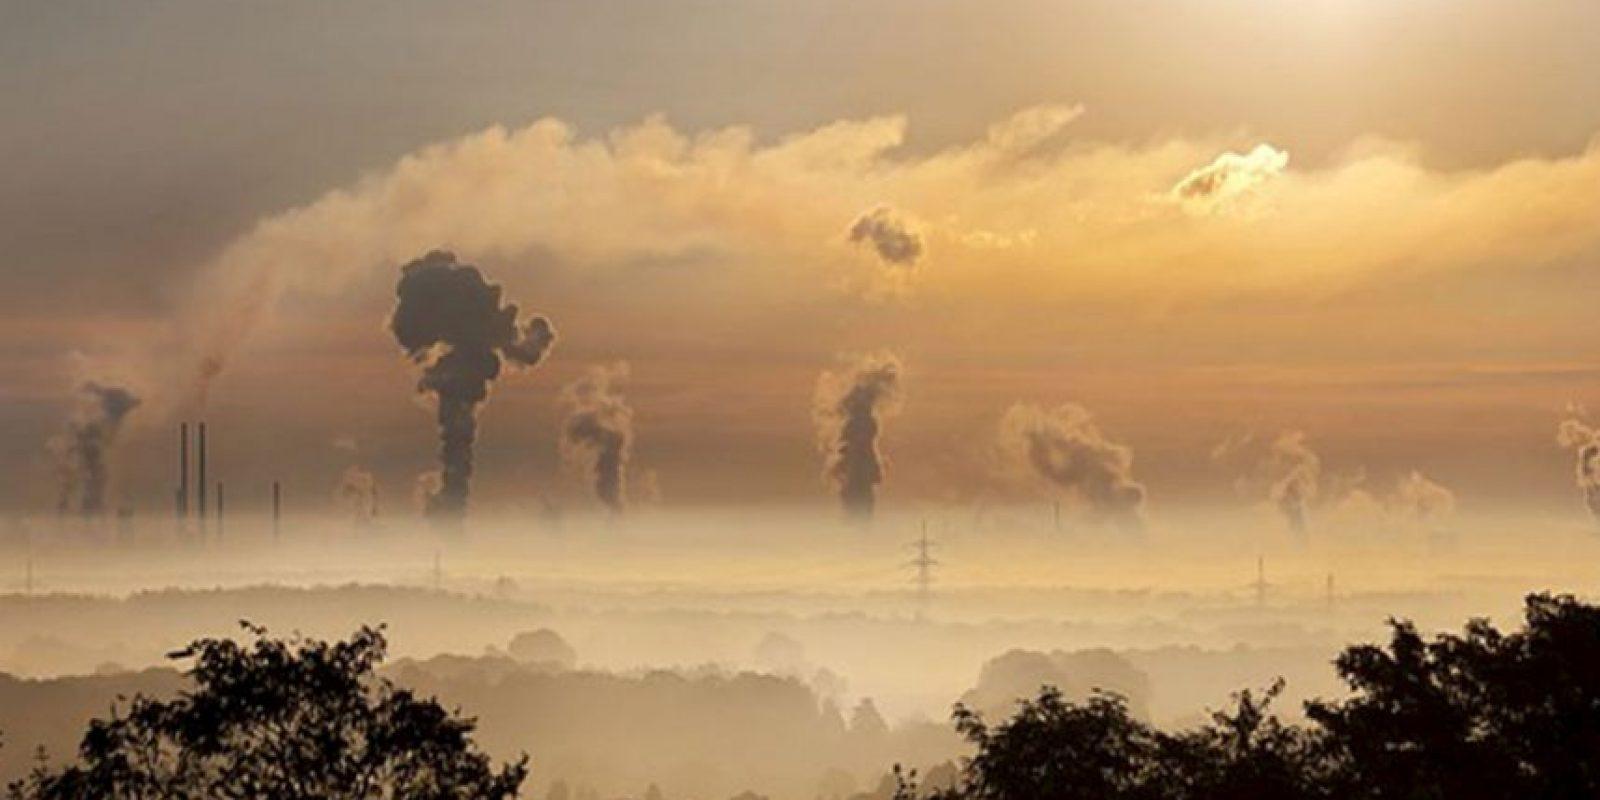 Científicos señalan que las medidas adoptadas durante la firma del Protocolo de Montreal en 1987 fueron las adecuadas para ayudar a revertir el daño a la capa de Ozono. Foto:Pixabay